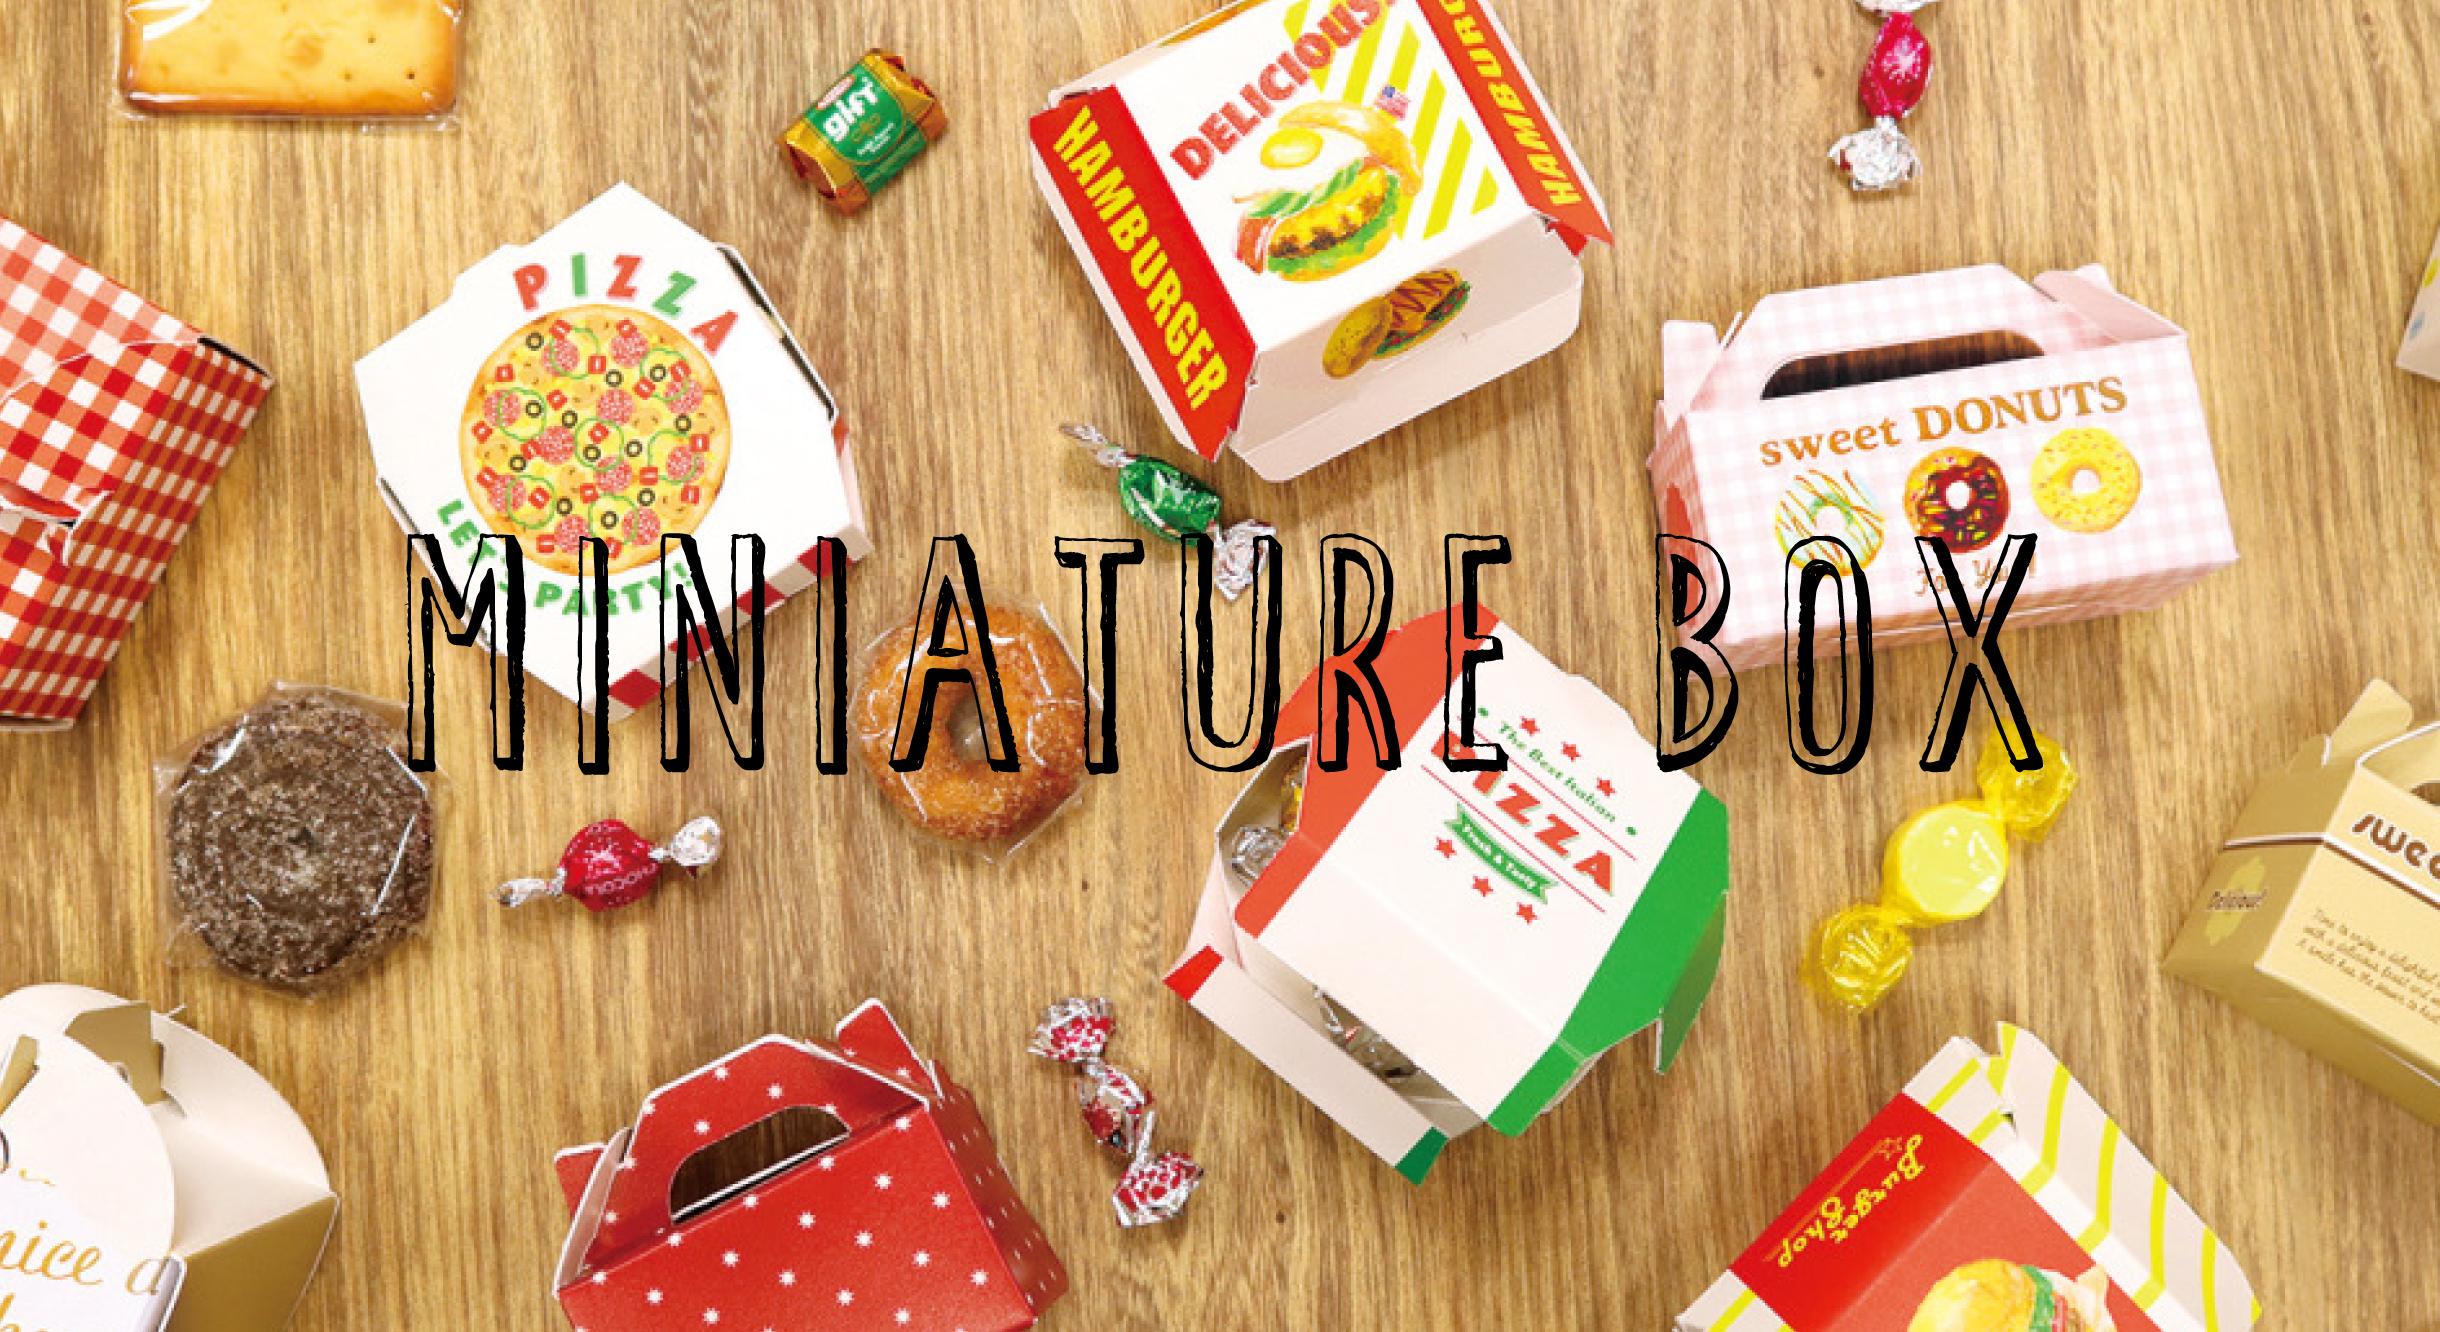 ミニチュア BOX & ポケットティッシュ BOX